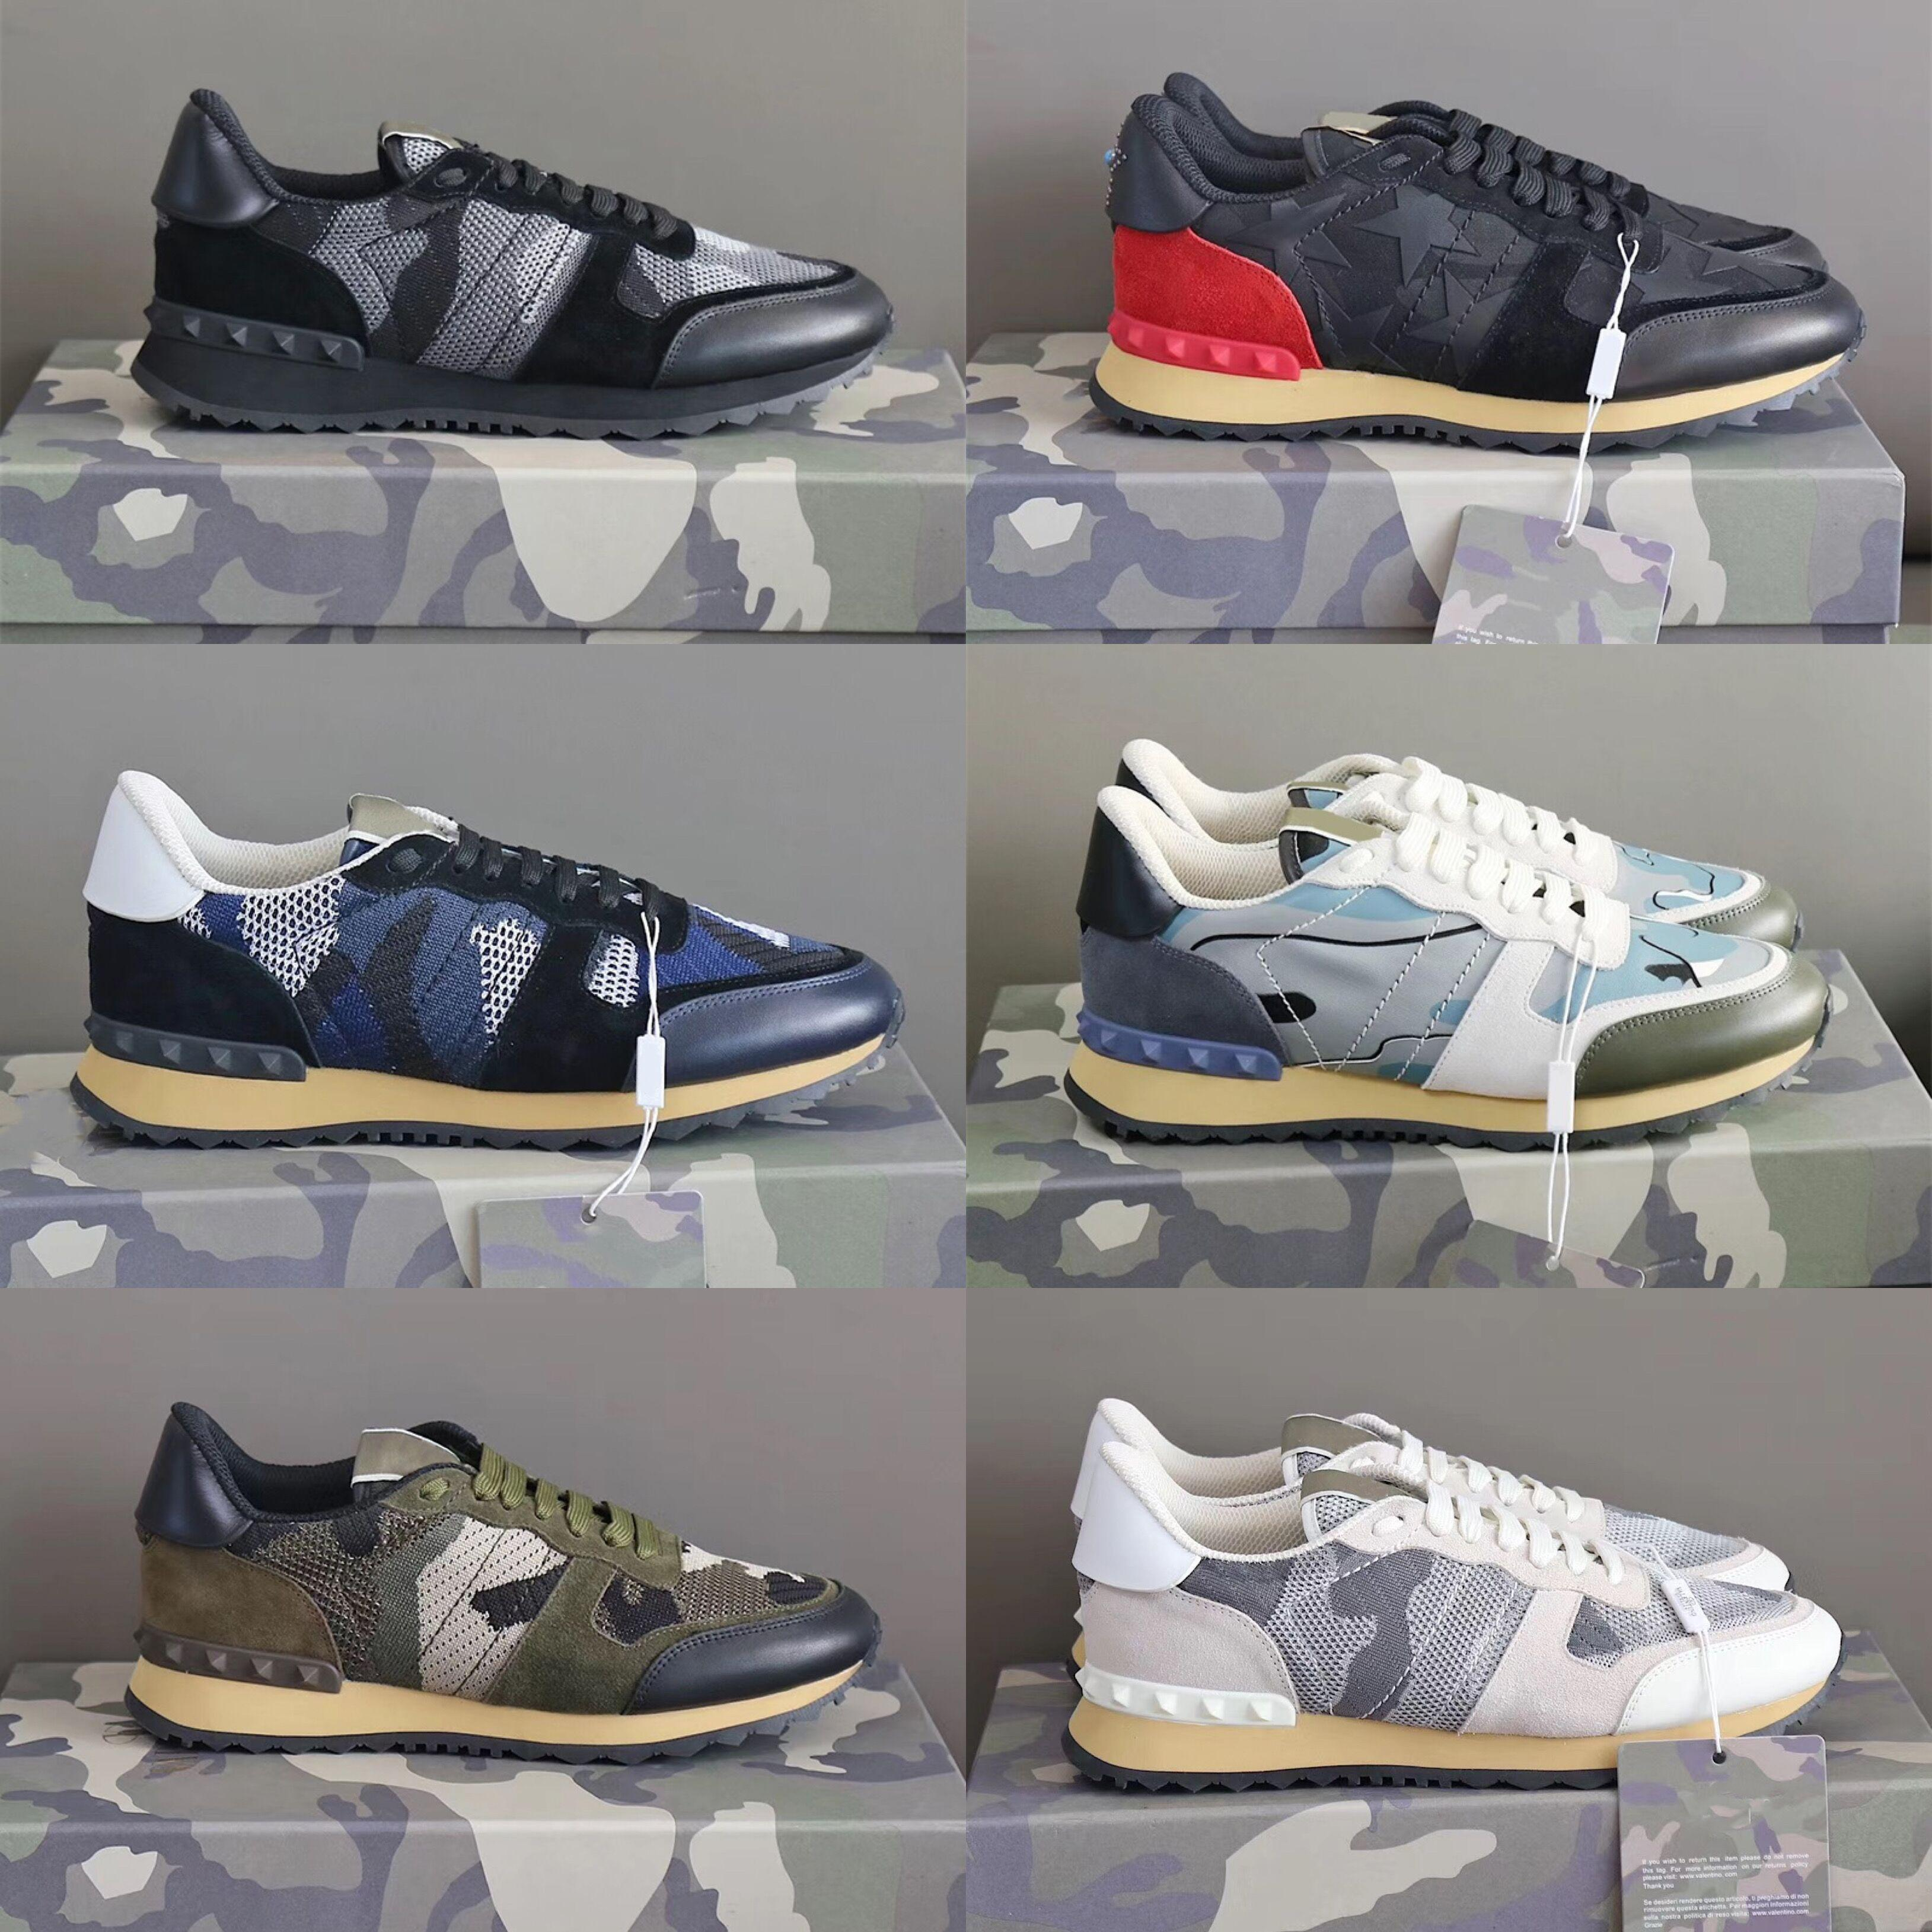 Moda de cuero de gamuza Stud Rockrunner camuflaje zapatillas de deporte zapatos hombres mujeres pisos lujo diseñador remache Rockrunner entrenadores zapatos casuales